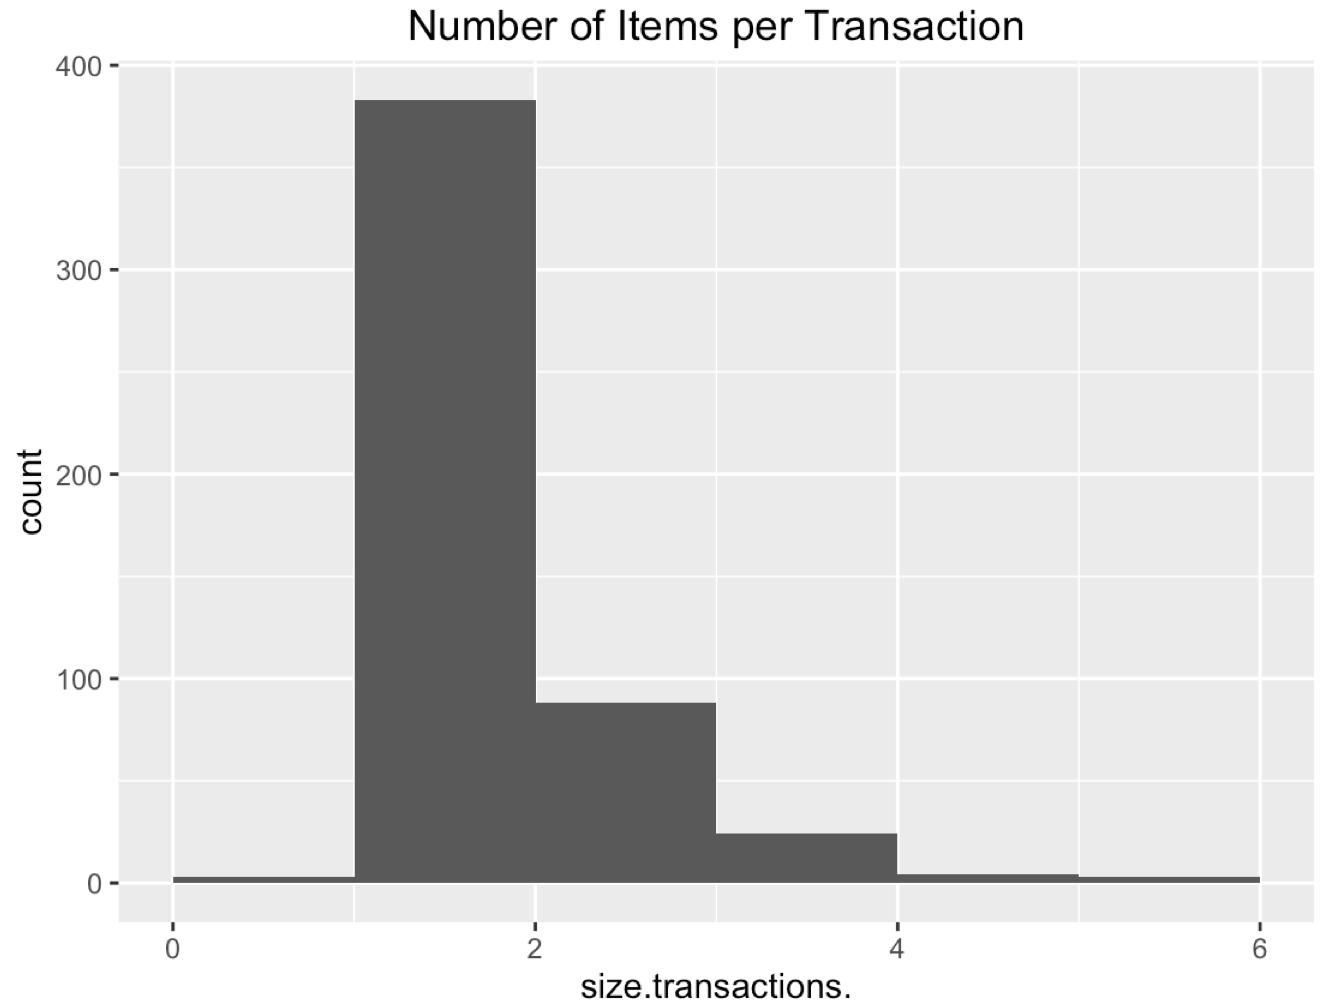 Image of Transaction Sizes